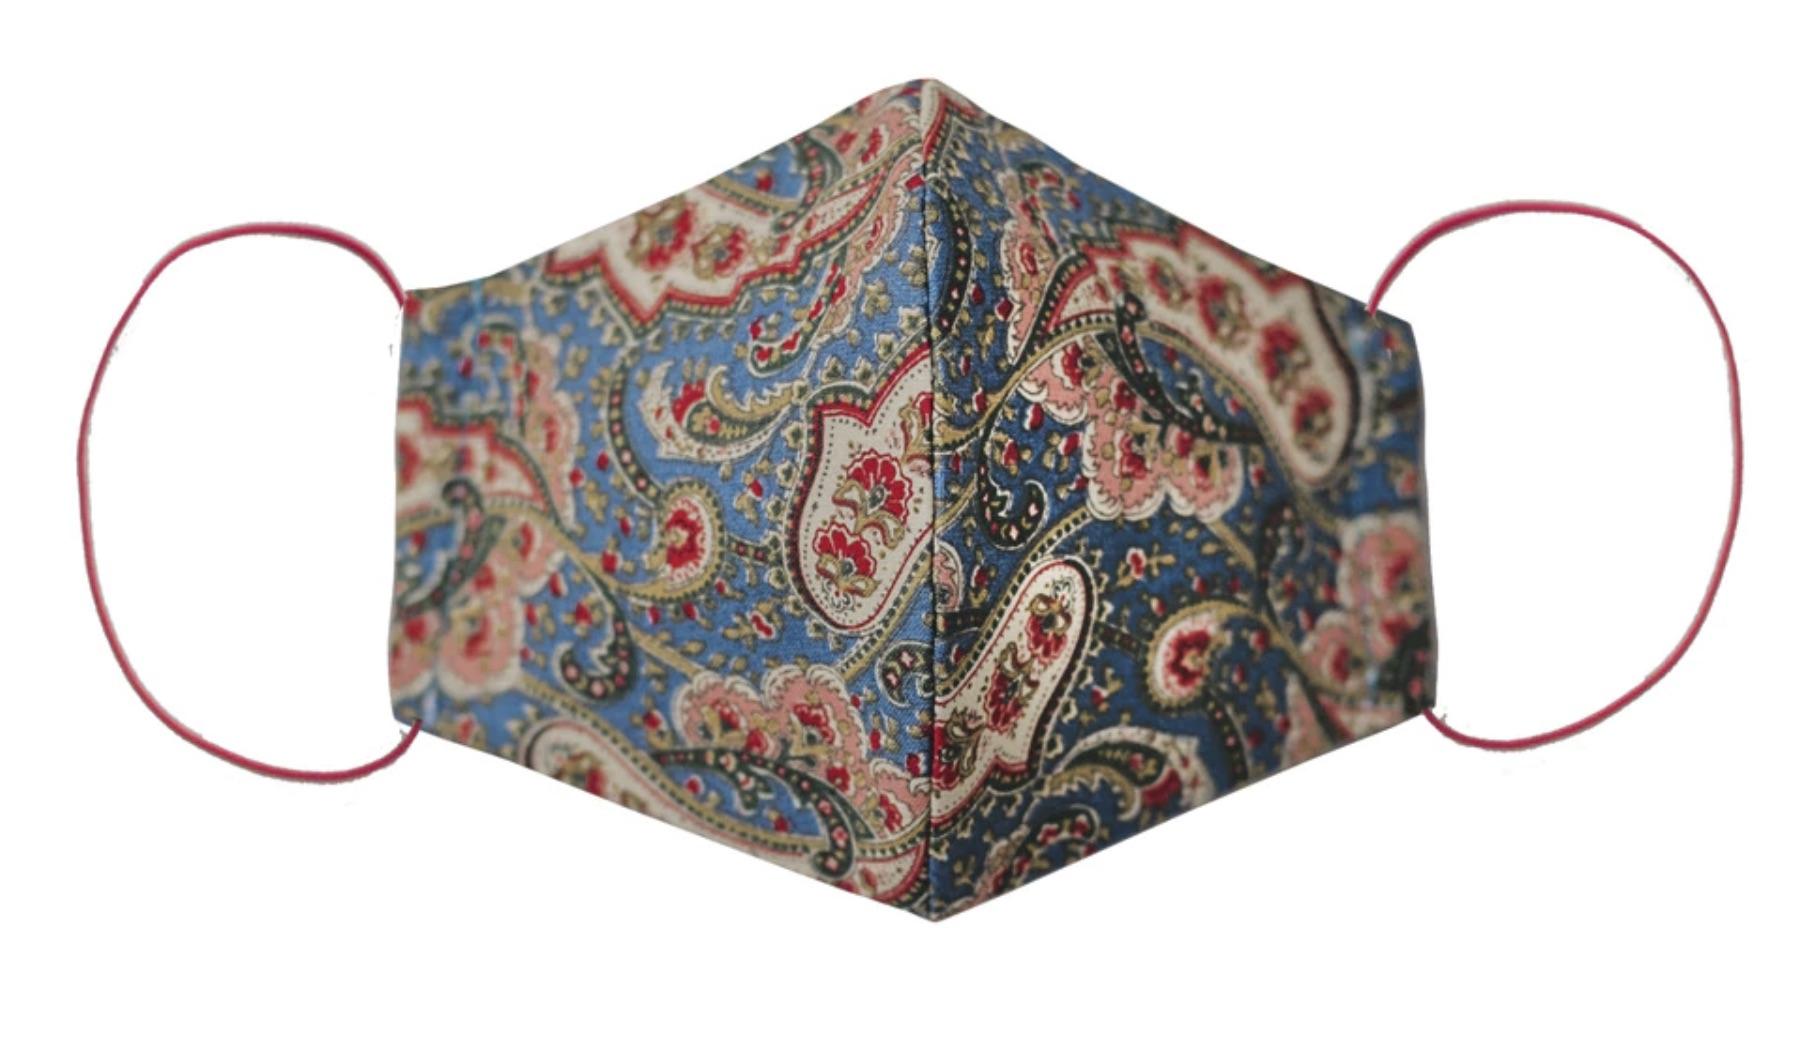 Mascarilla de tela higiénica reutilizable de tejido de algodón y filtro TNT.